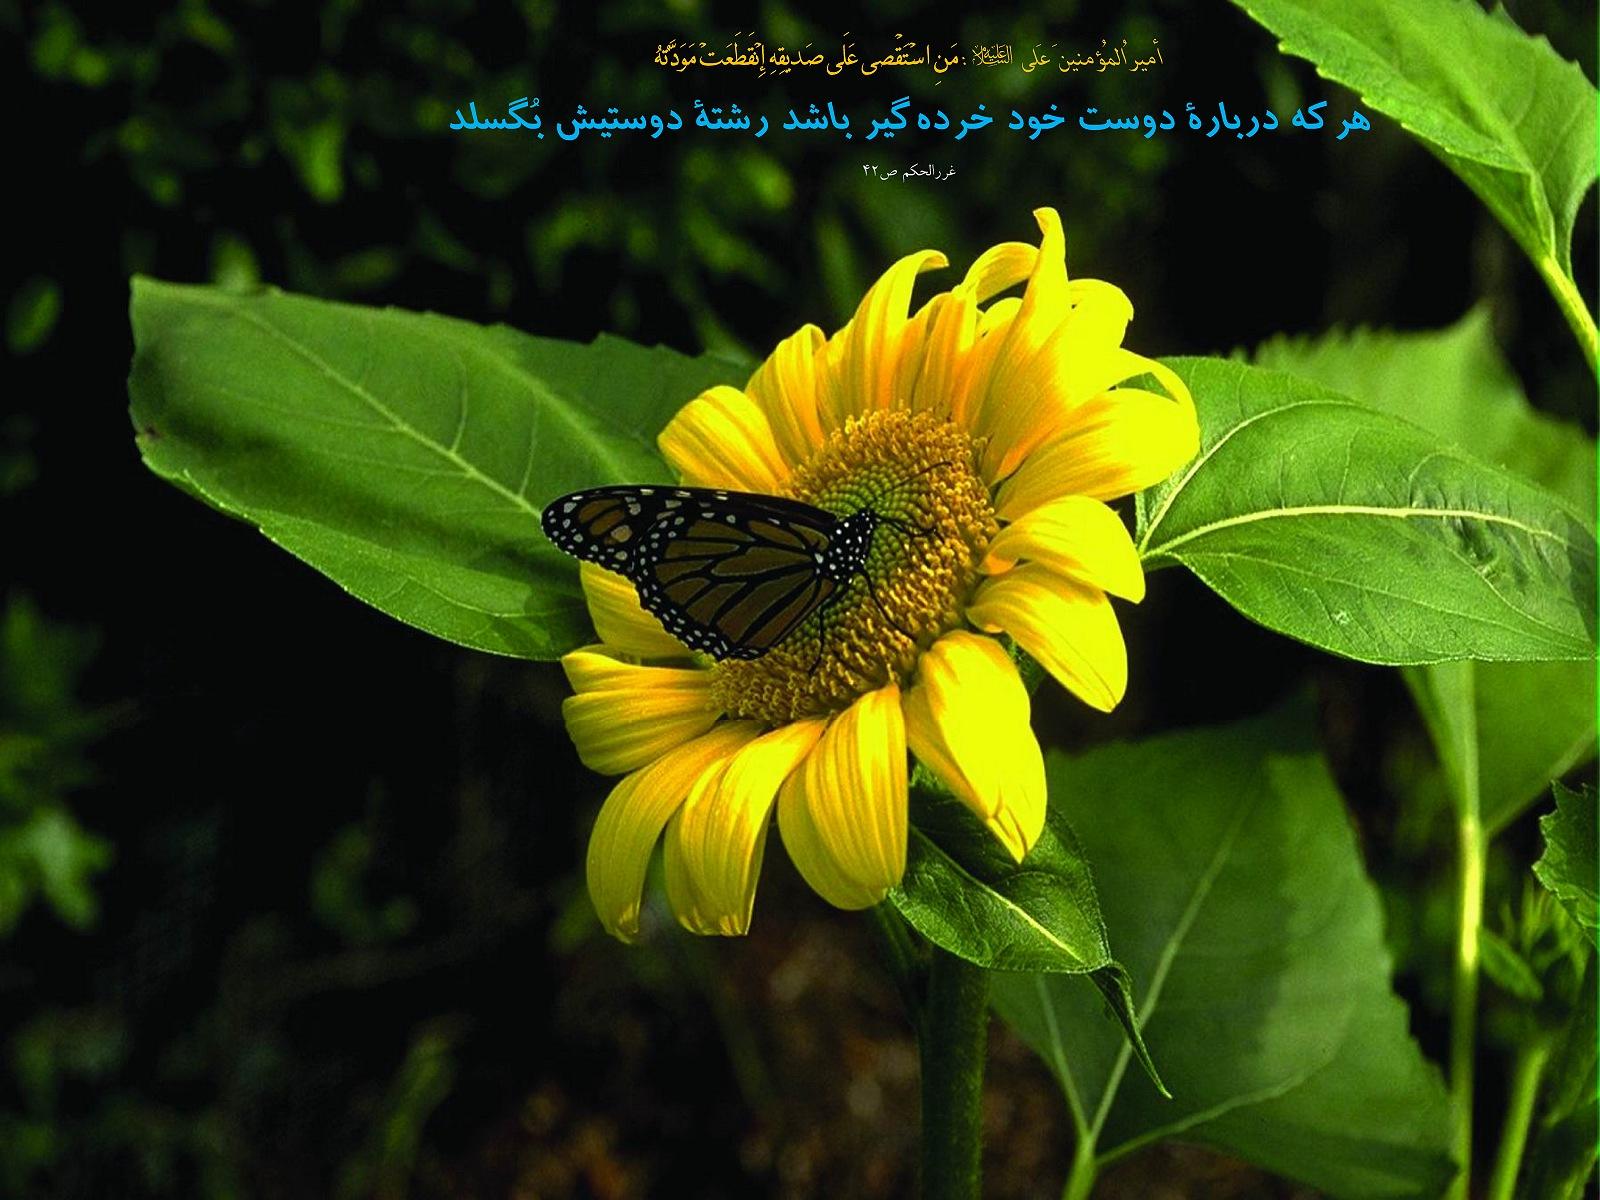 http://anti211.persiangig.com/hidith-tasviri/641Hadis%20H183.jpg